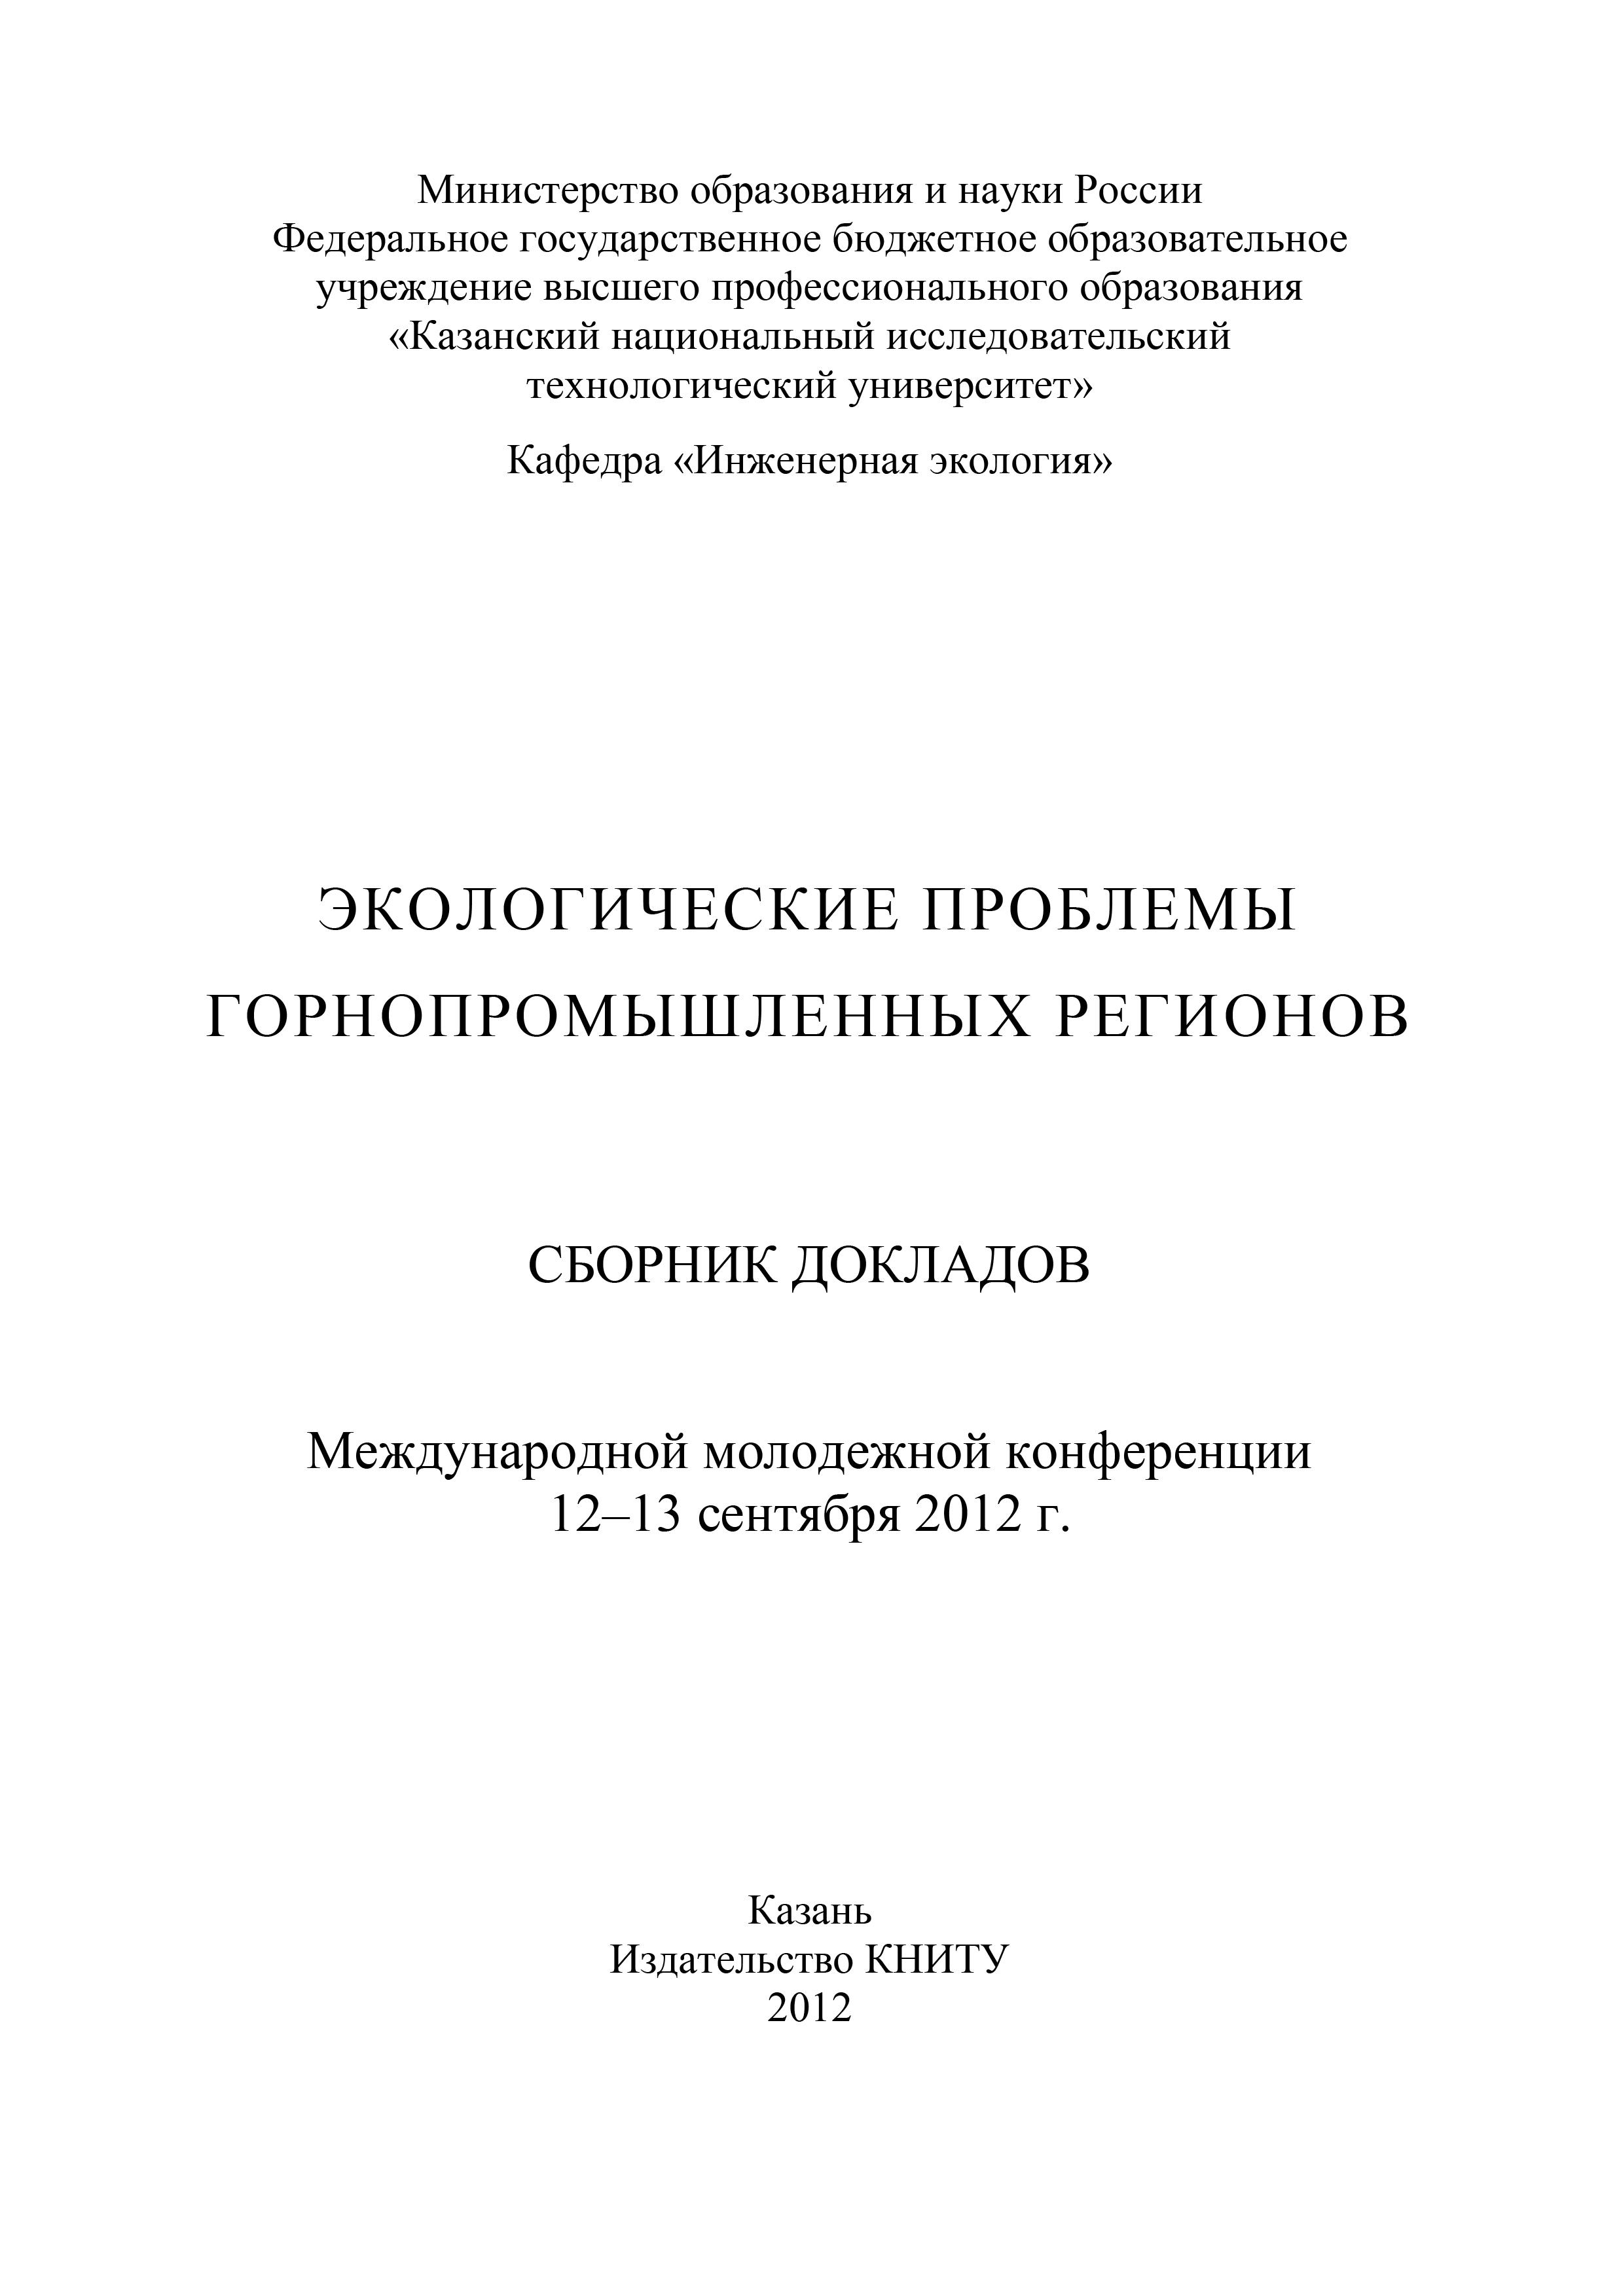 Коллектив авторов Экологические проблемы горнопромышленных регионов